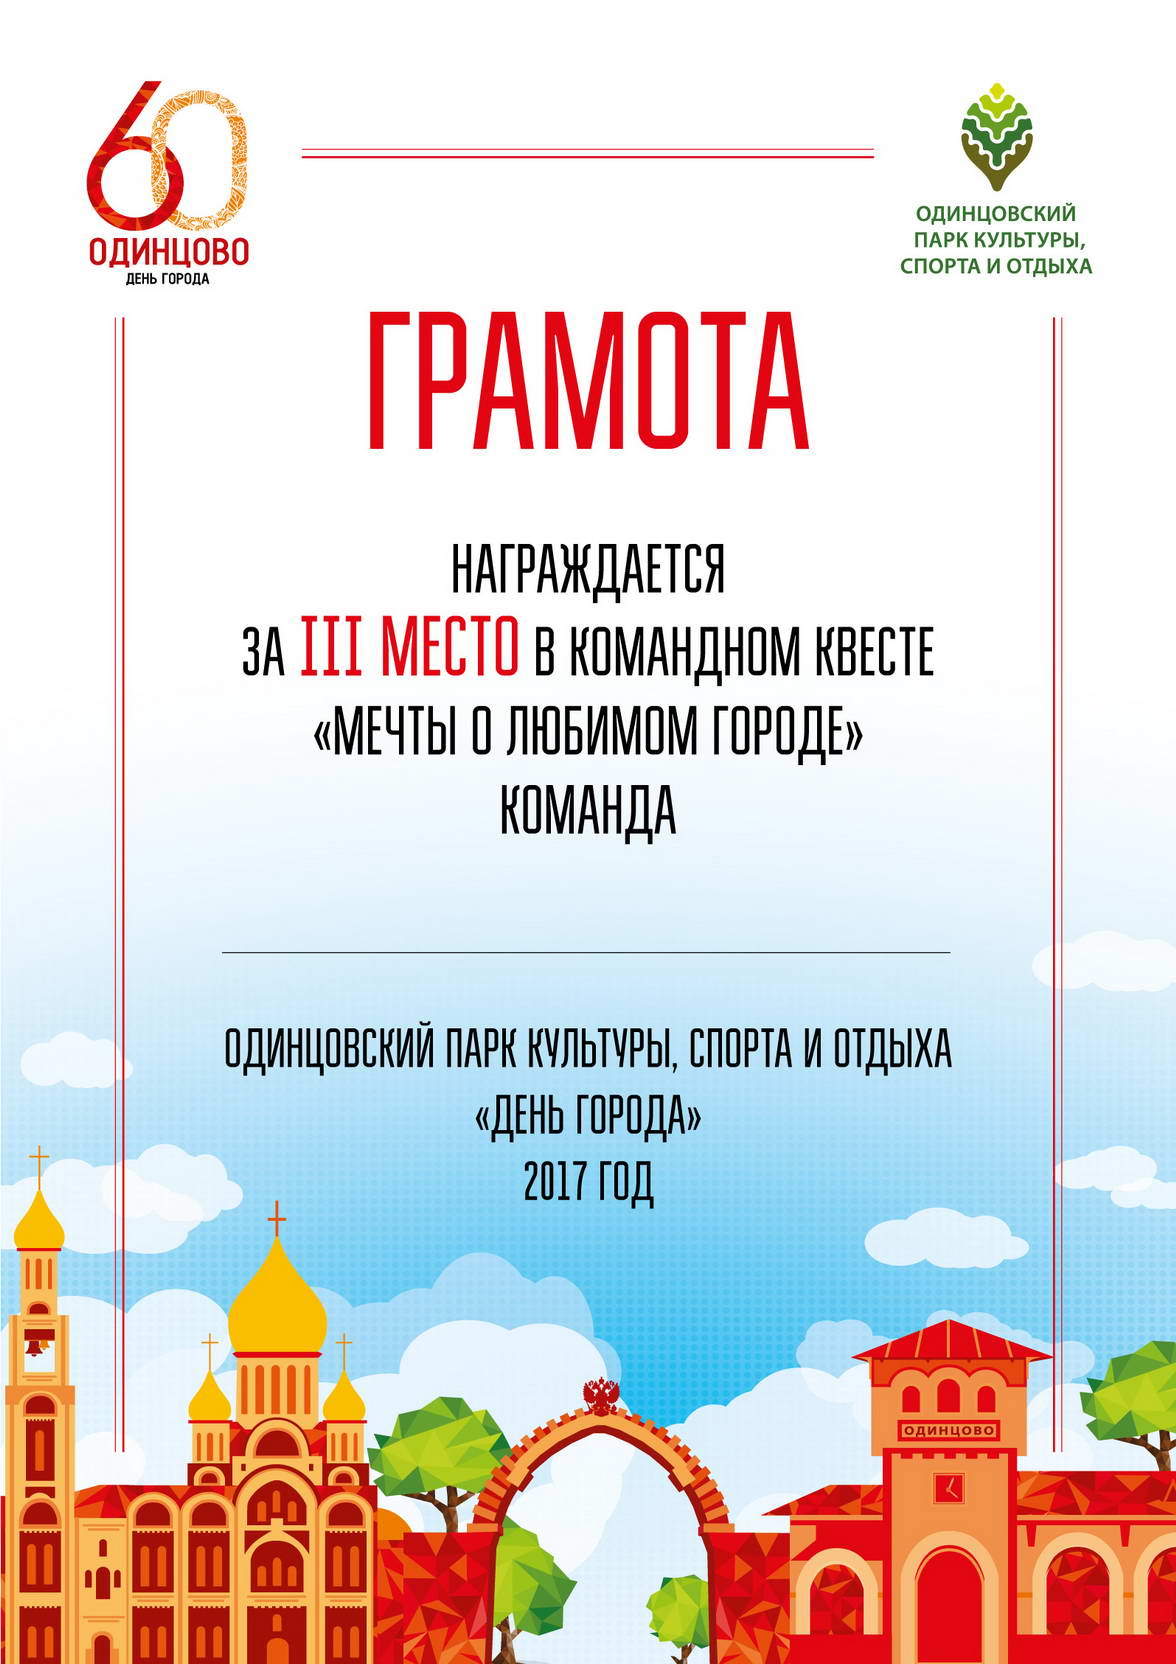 giorno Odintsovo 2 сентября дизайн грамоты Одинцовский парк